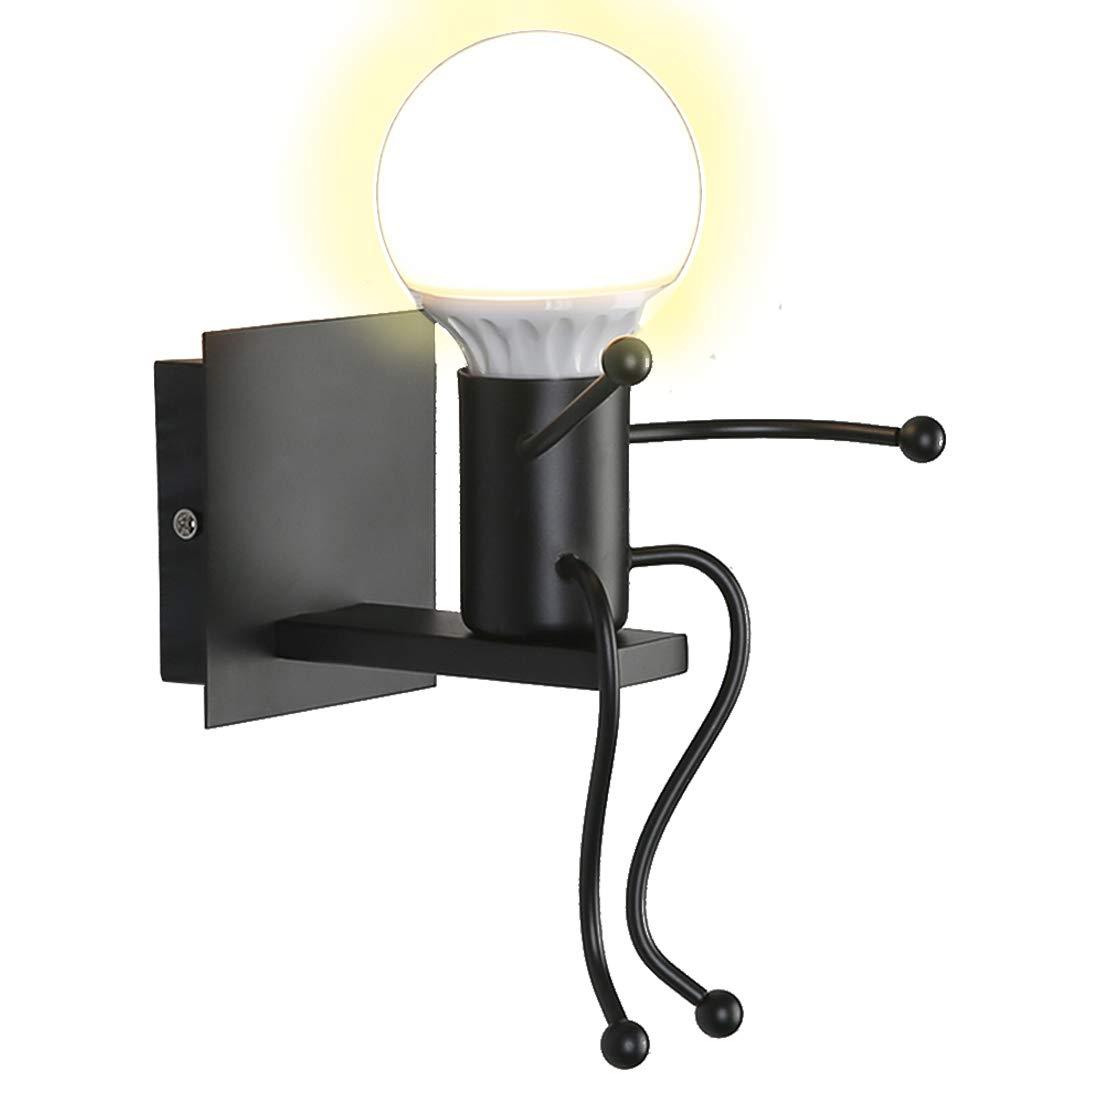 Applique Murale Interieur Créative Mignon Convient Pour Chambre Salon Chevet Cage D'escalier Chambre D'enfant Moderne Décoration Simple LED Lampe Murale 1 × E27 40W (Noir, 1 Pack)